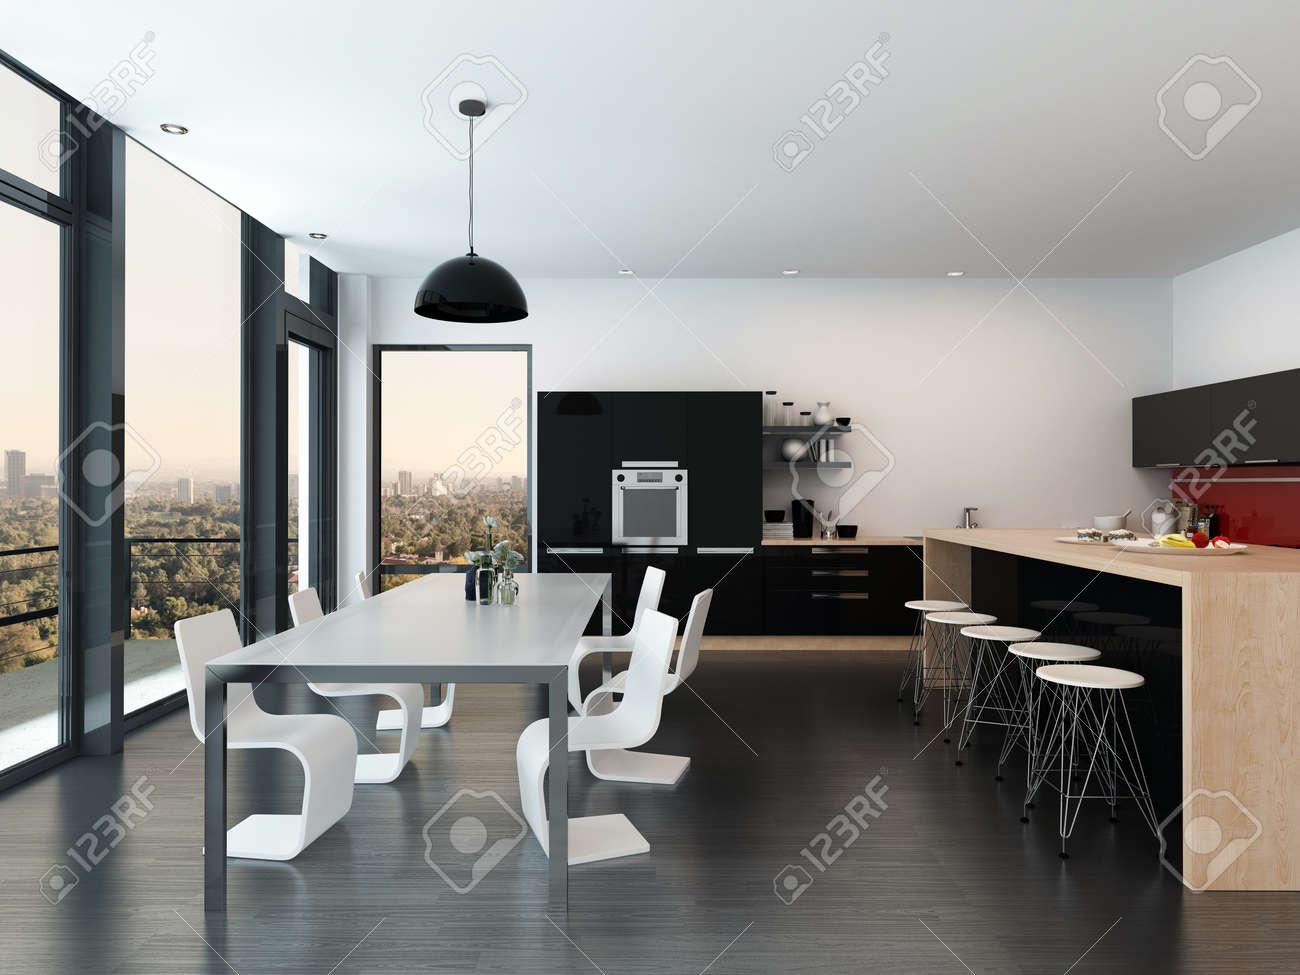 Moderne Offene Küche Und Esszimmer Interieur Mit Einem Geformten ...